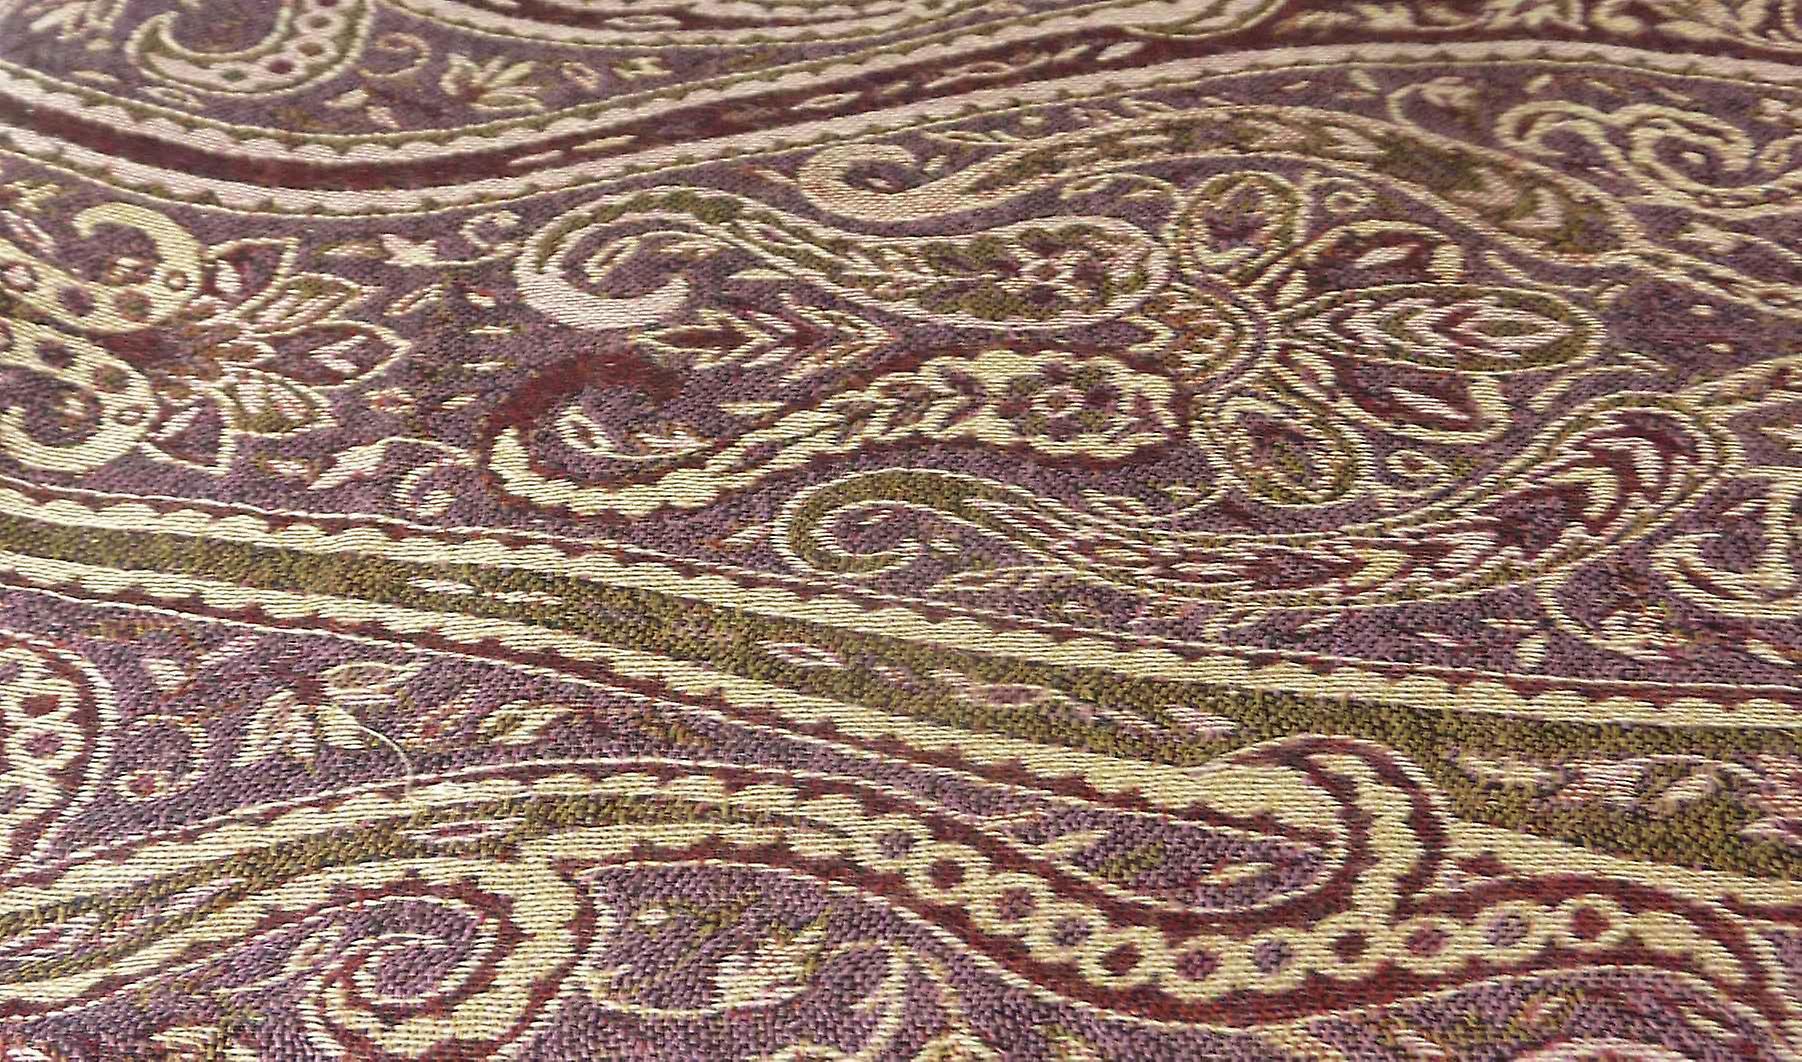 Muffler Scarf 1543 in Fine Pashmina Wool Heritage Range by Pashmina & Silk